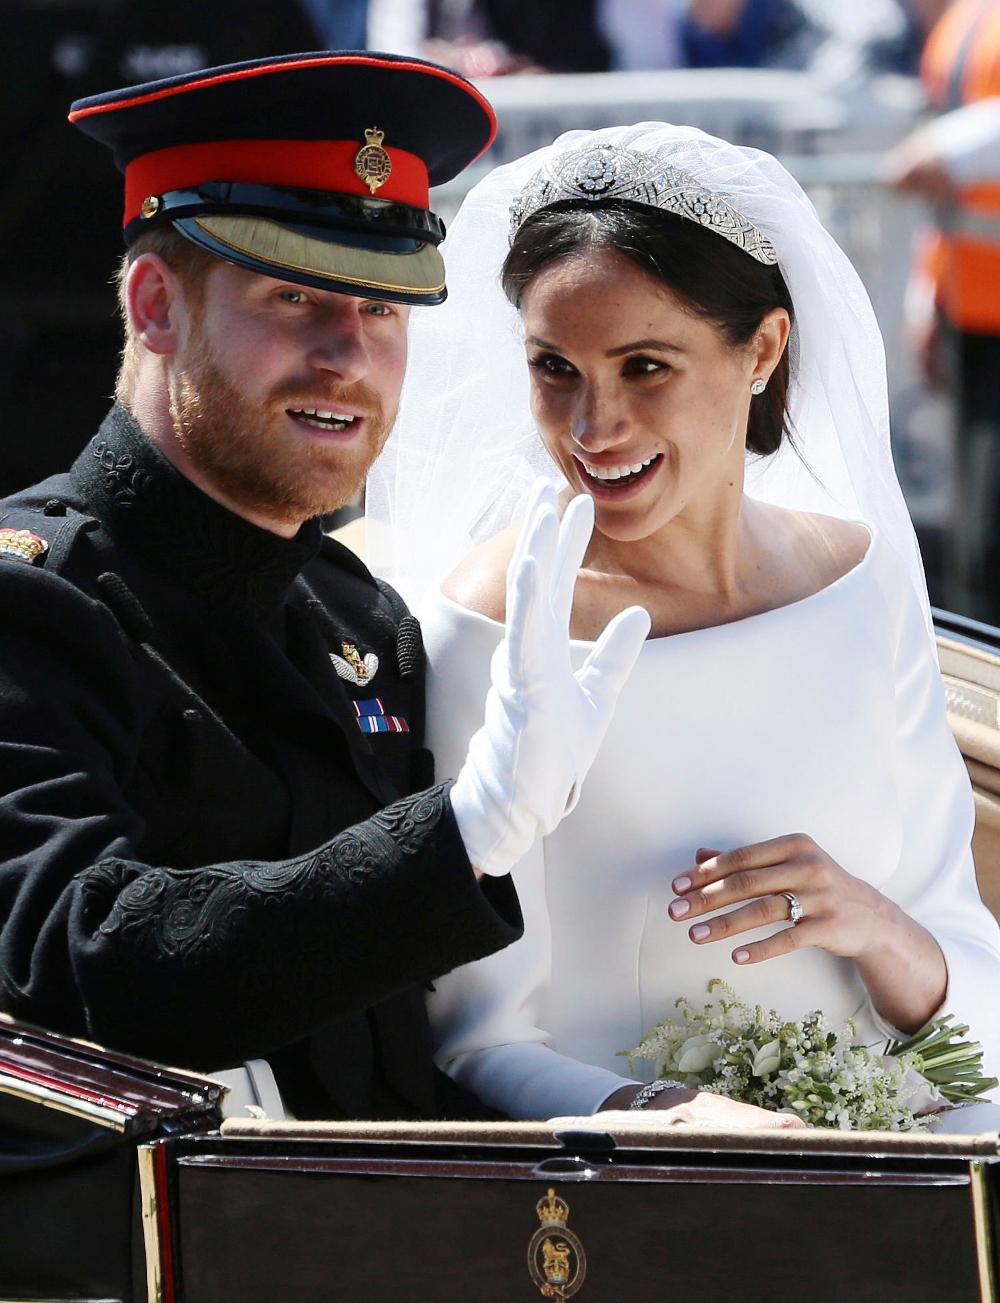 Η νύφη Μέγκαν ΜΑρκλ με τον πρίγκιπα Χάρι